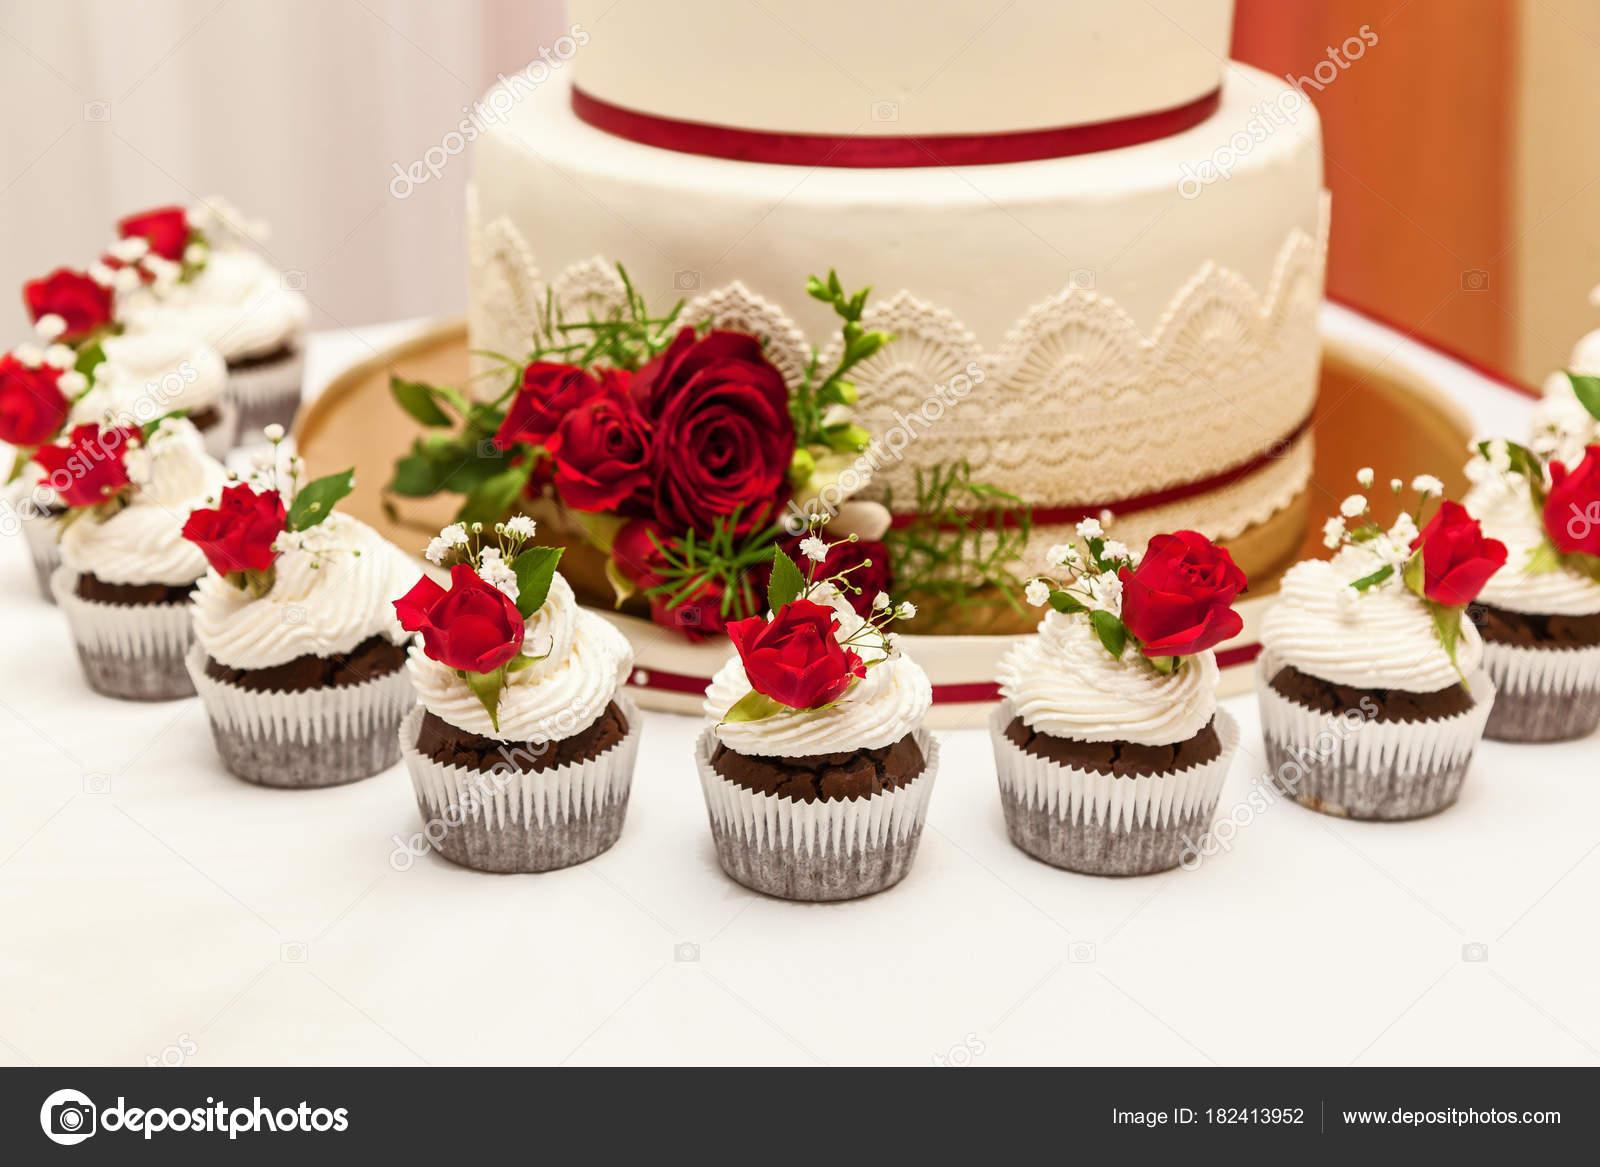 Hochzeitstorte Mit Roten Rosen Stockfoto C Oleg 0 182413952